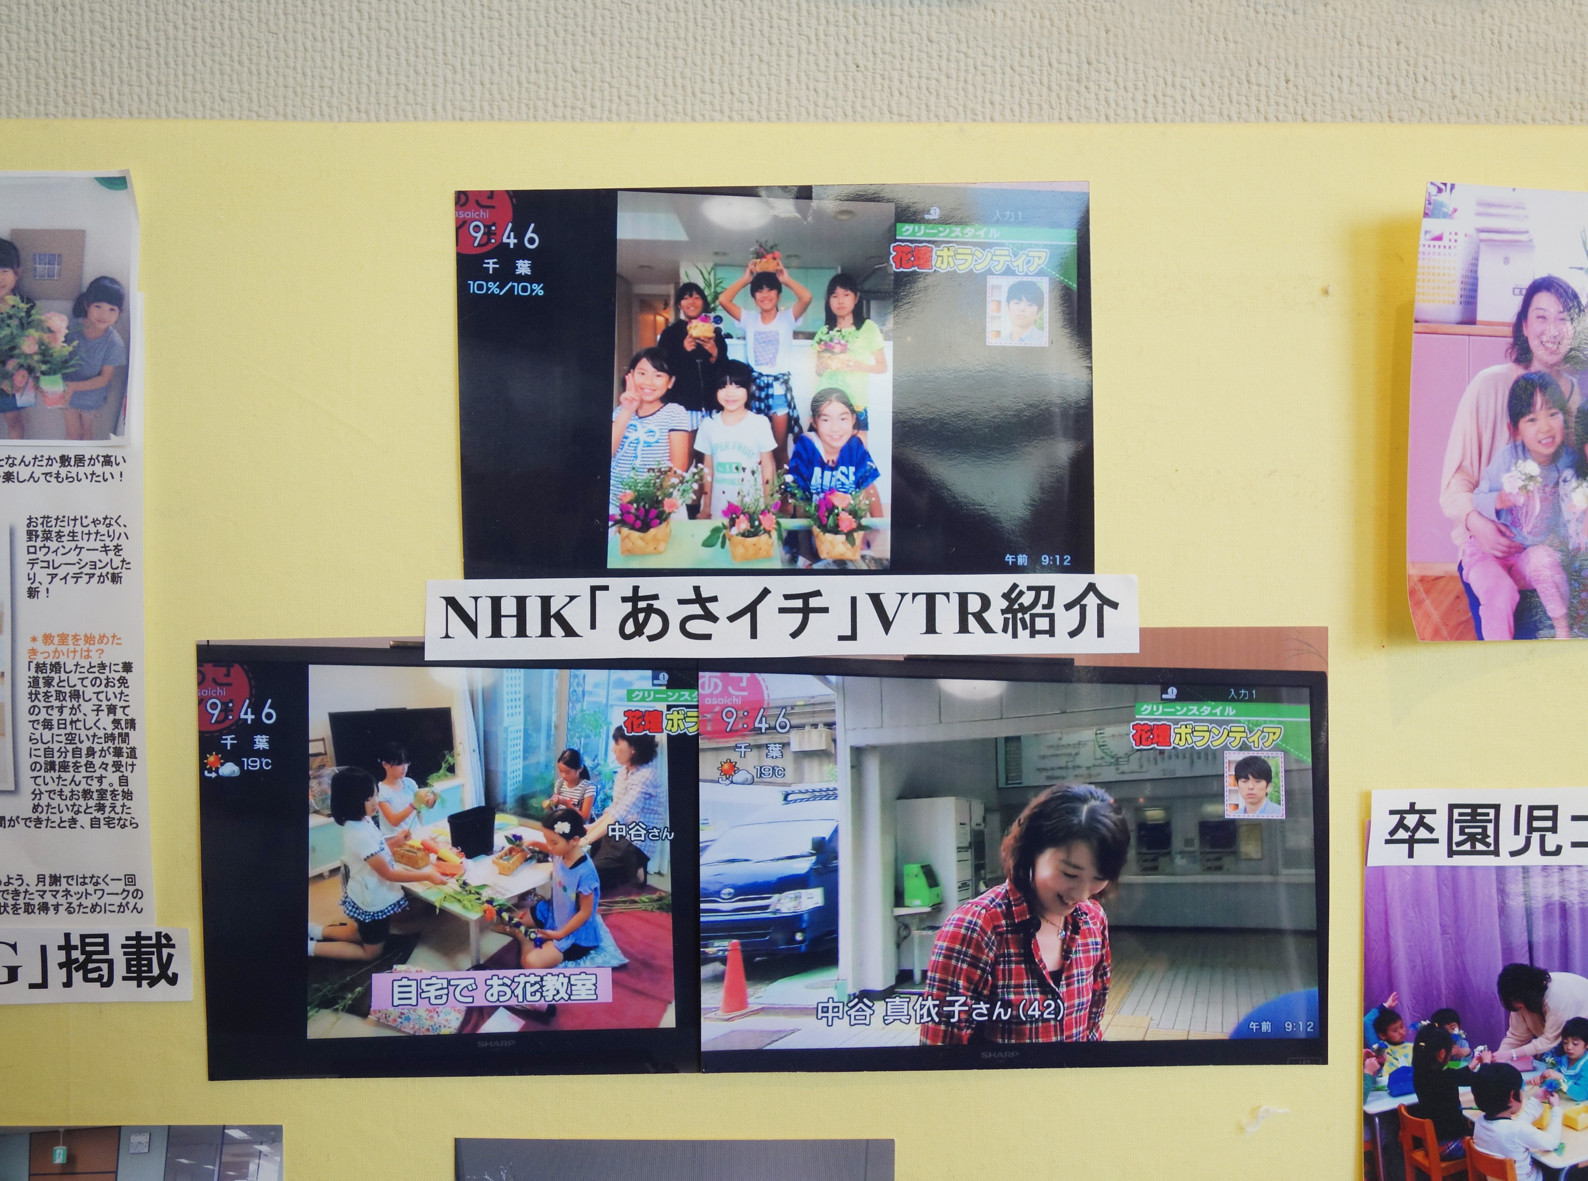 2014年「hanatomo christmas」過去の活動も写真で掲出してご紹介。